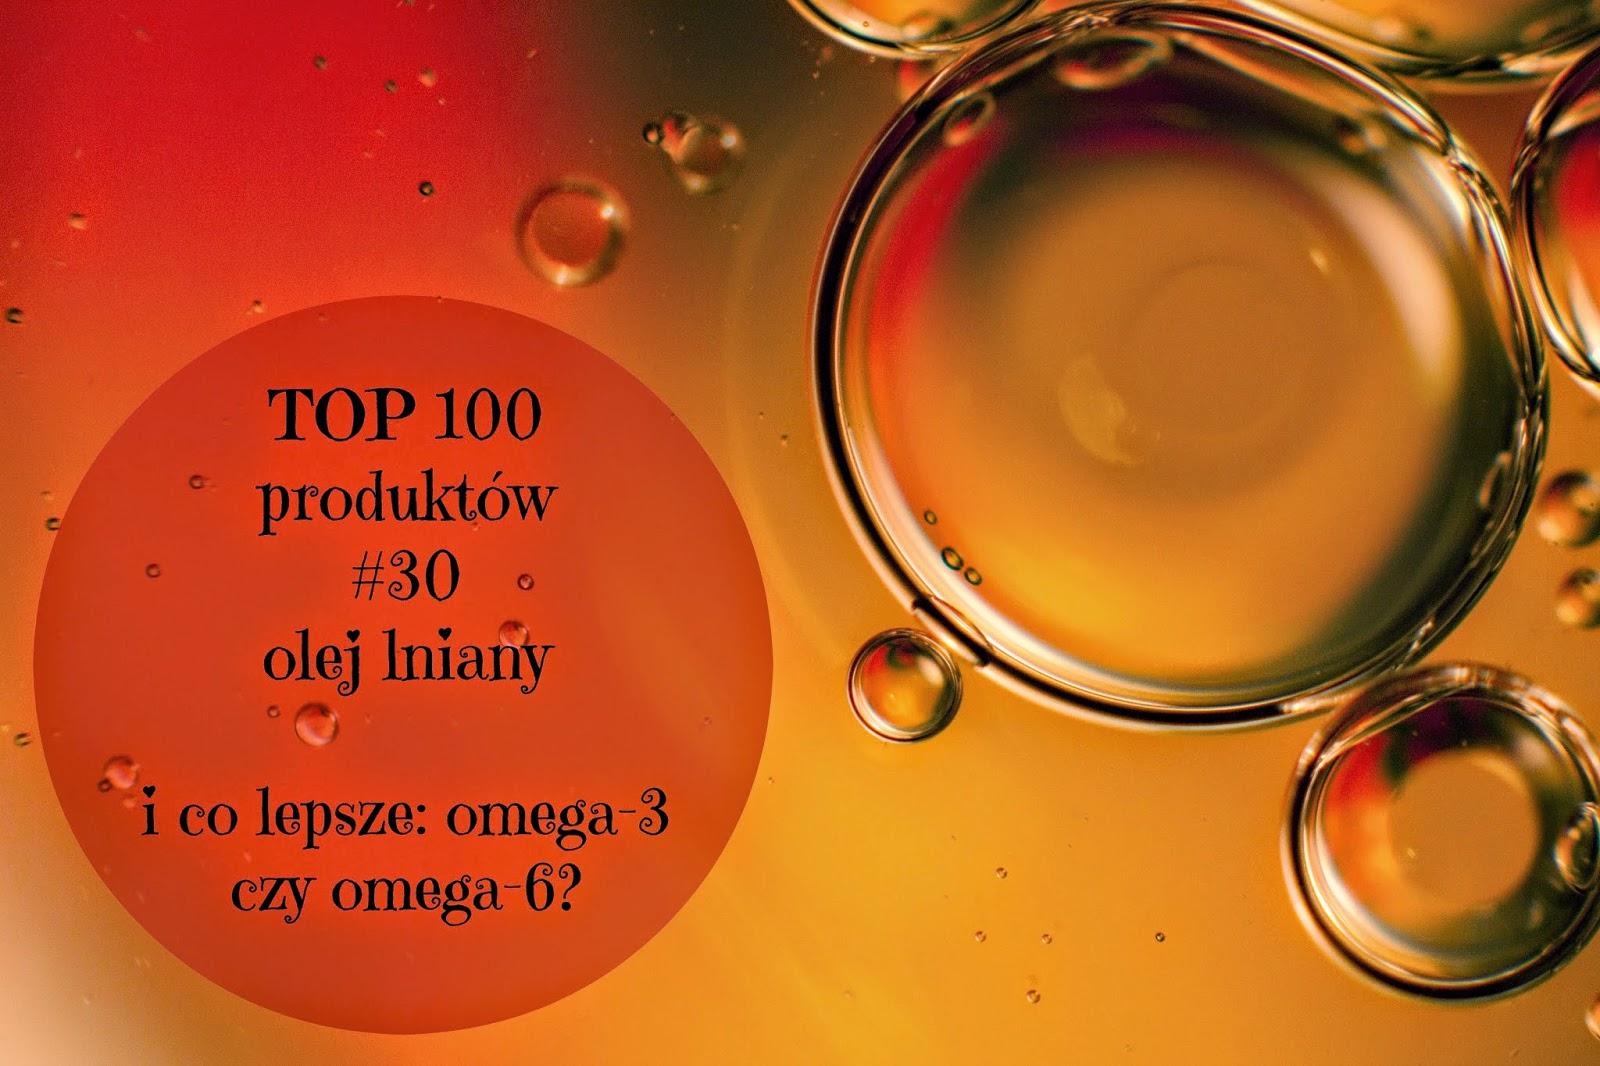 TOP 100 produktów #30 – olej lniany i czym się różnią omega-3 od omega-6